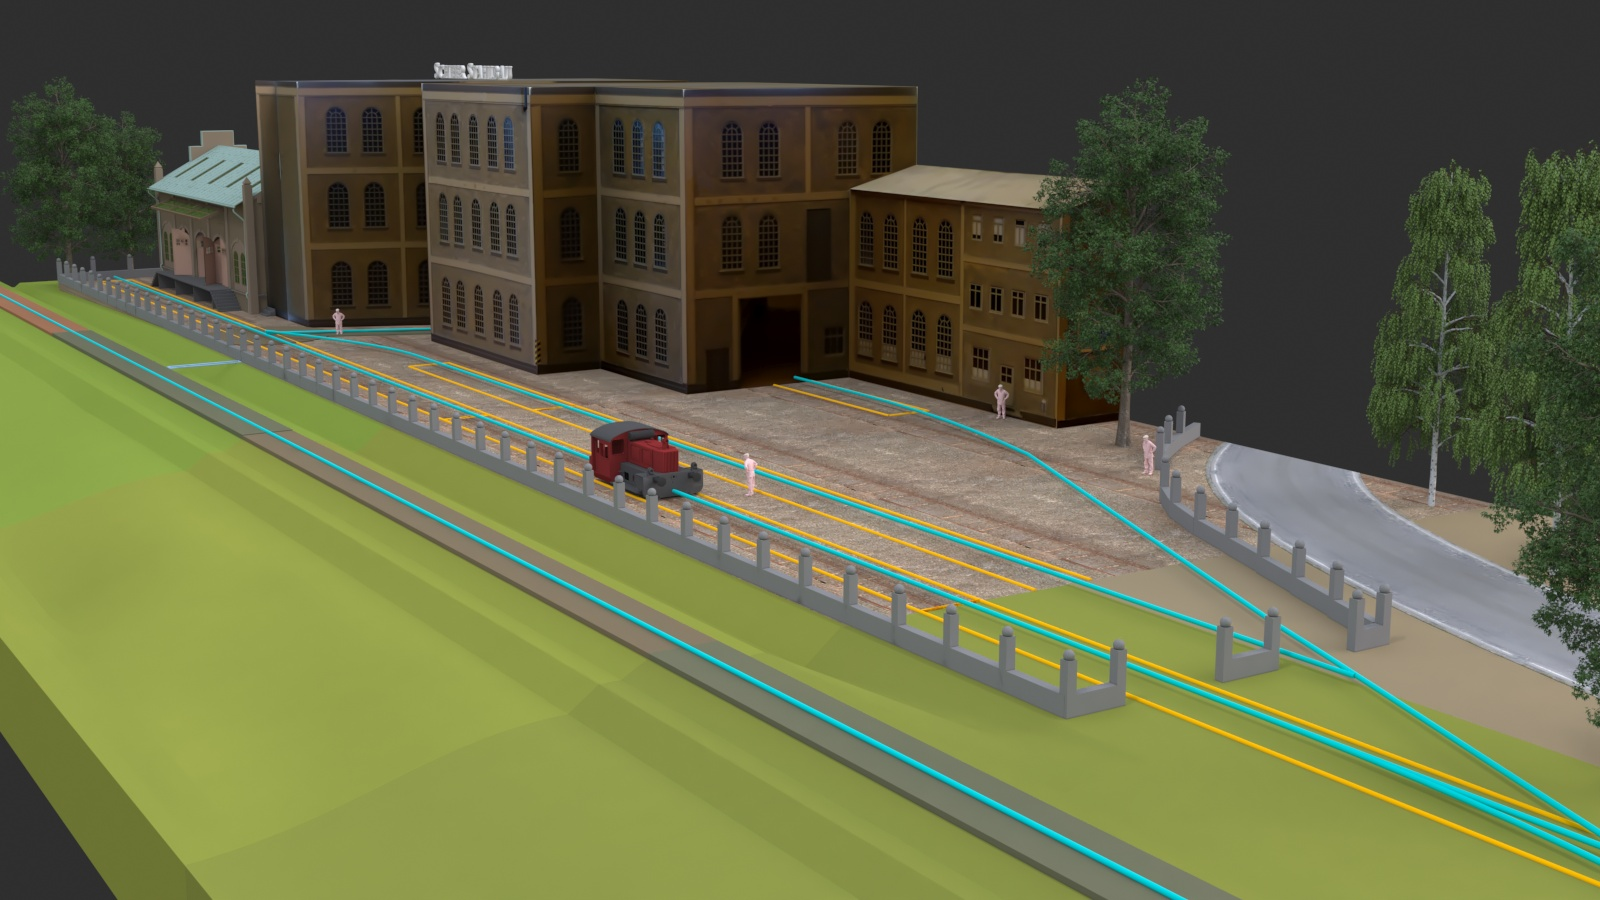 Fabrik_3D_v06a_pic01.jpg